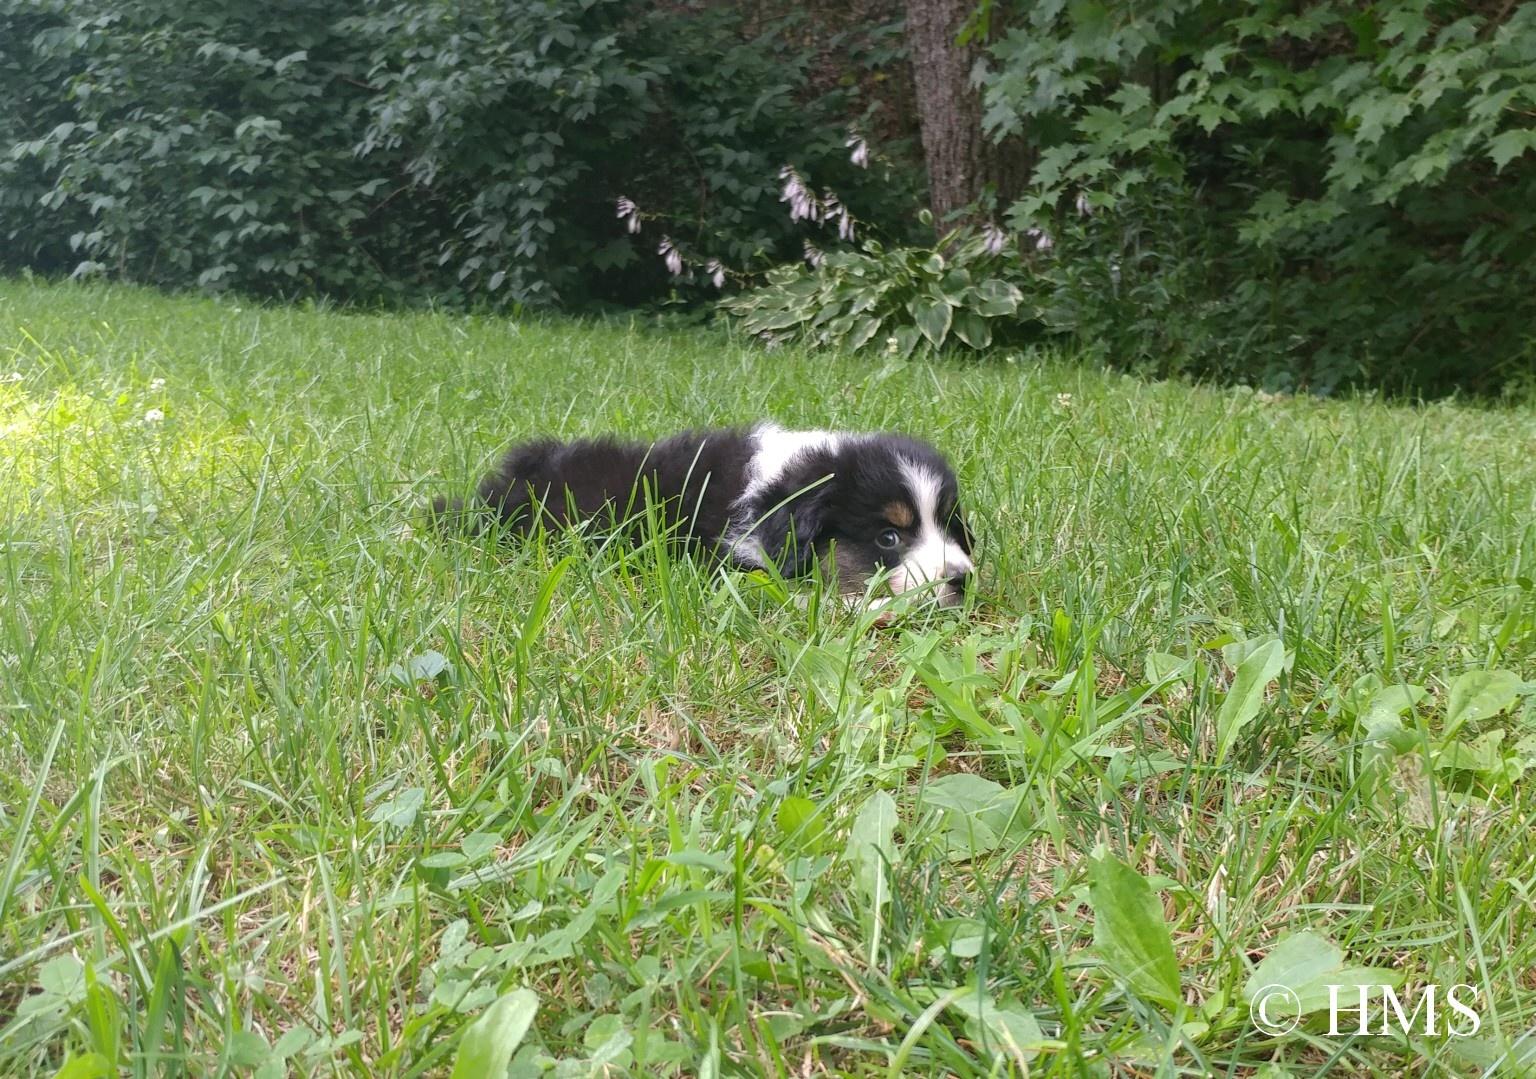 Puppy in Grass © HMS